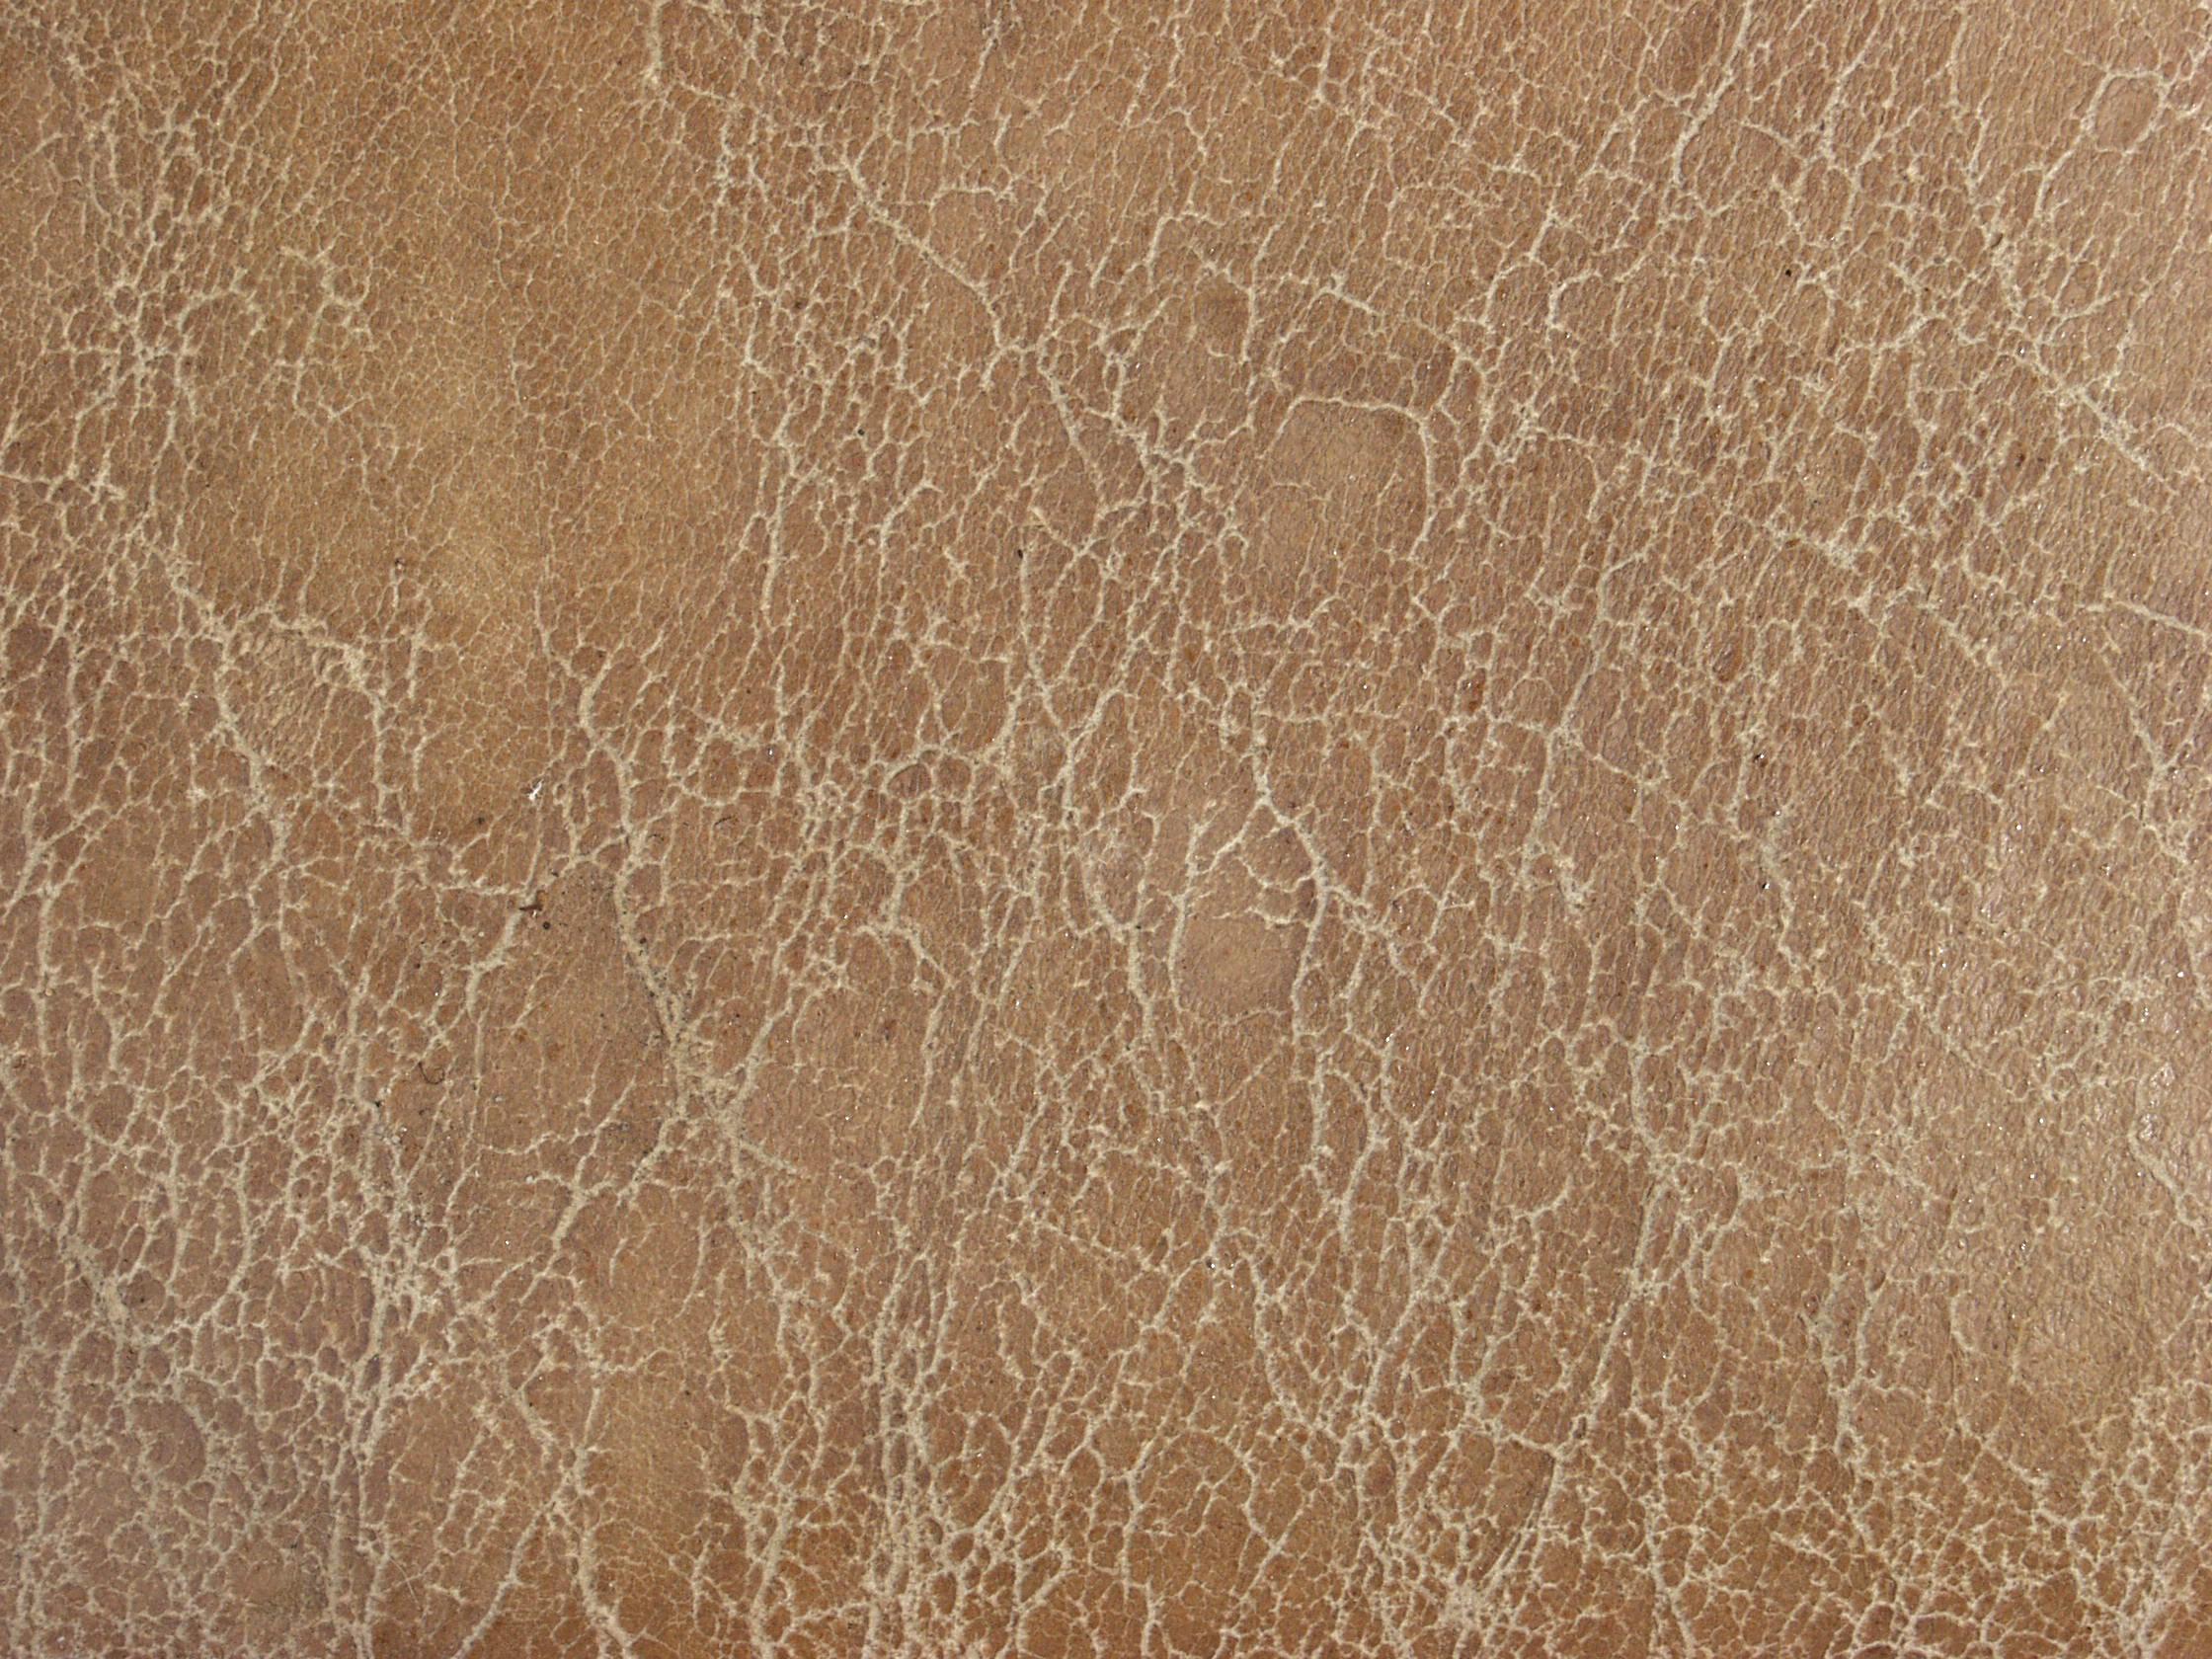 Текстура кожи | Текстура кожи ...: junior3d.ru/texture/kozhaMlekopitayushhikh.html